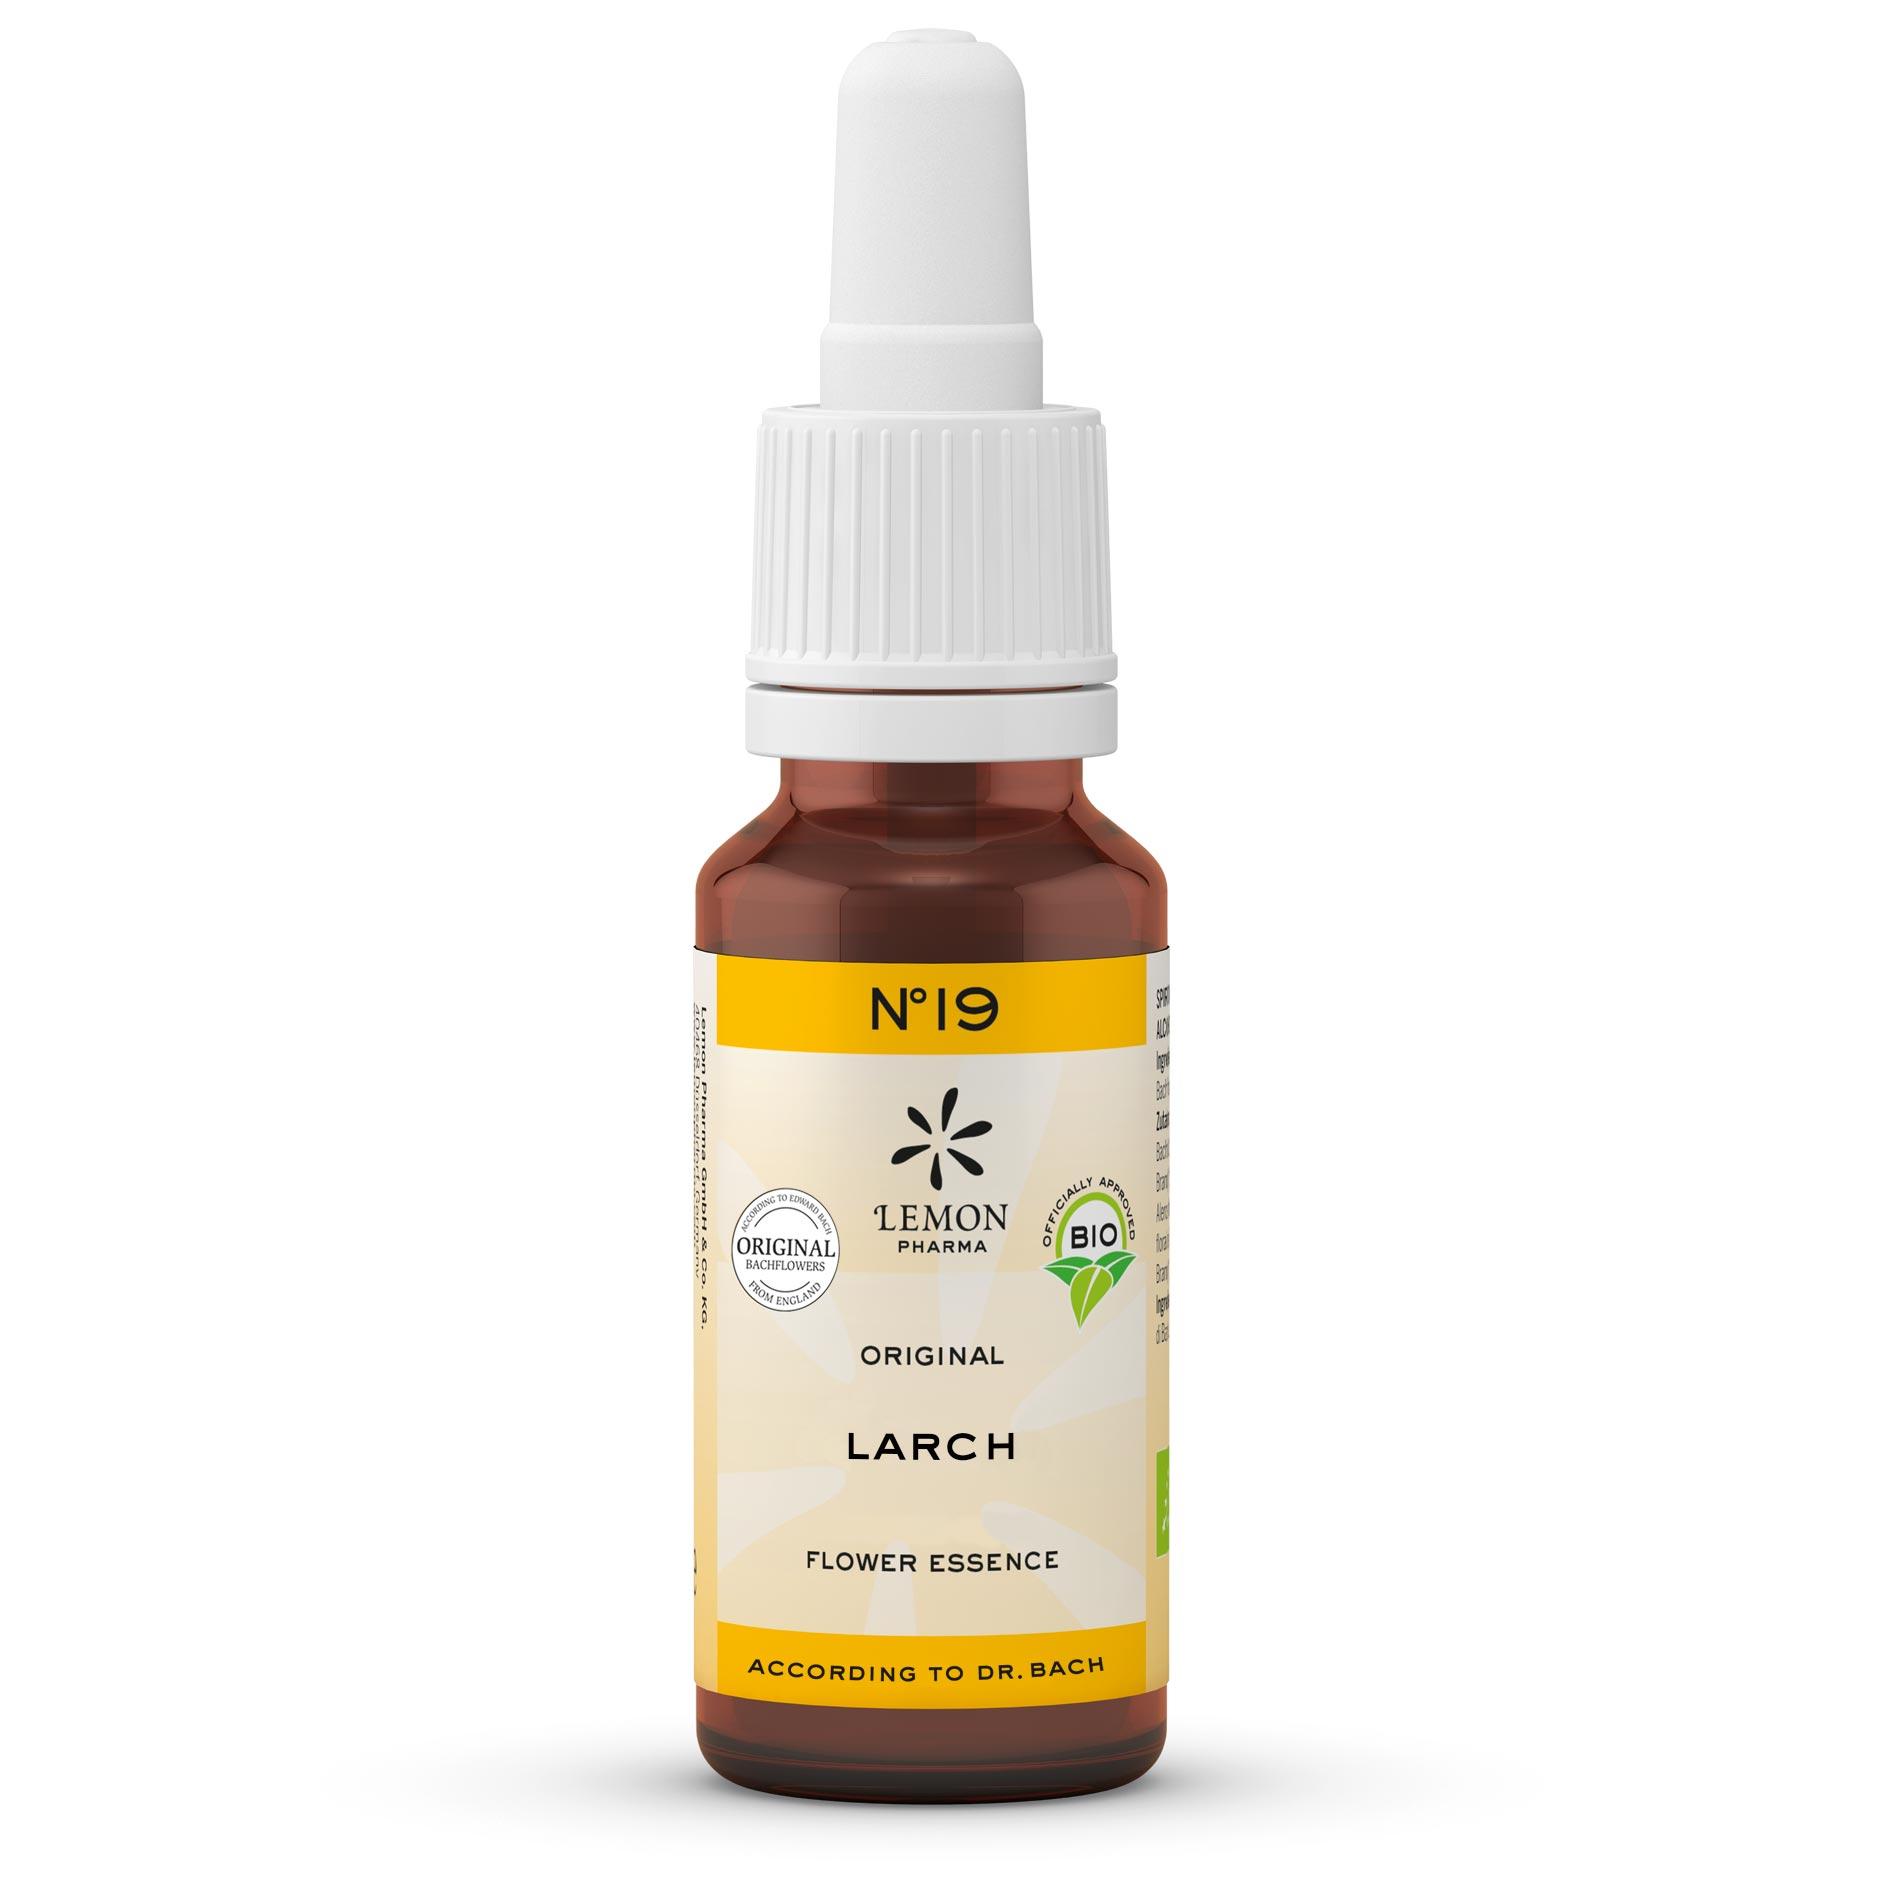 Fiori di Bach originali Lemon Pharma Gocce No 19 Larch larice fiducia in se stessi